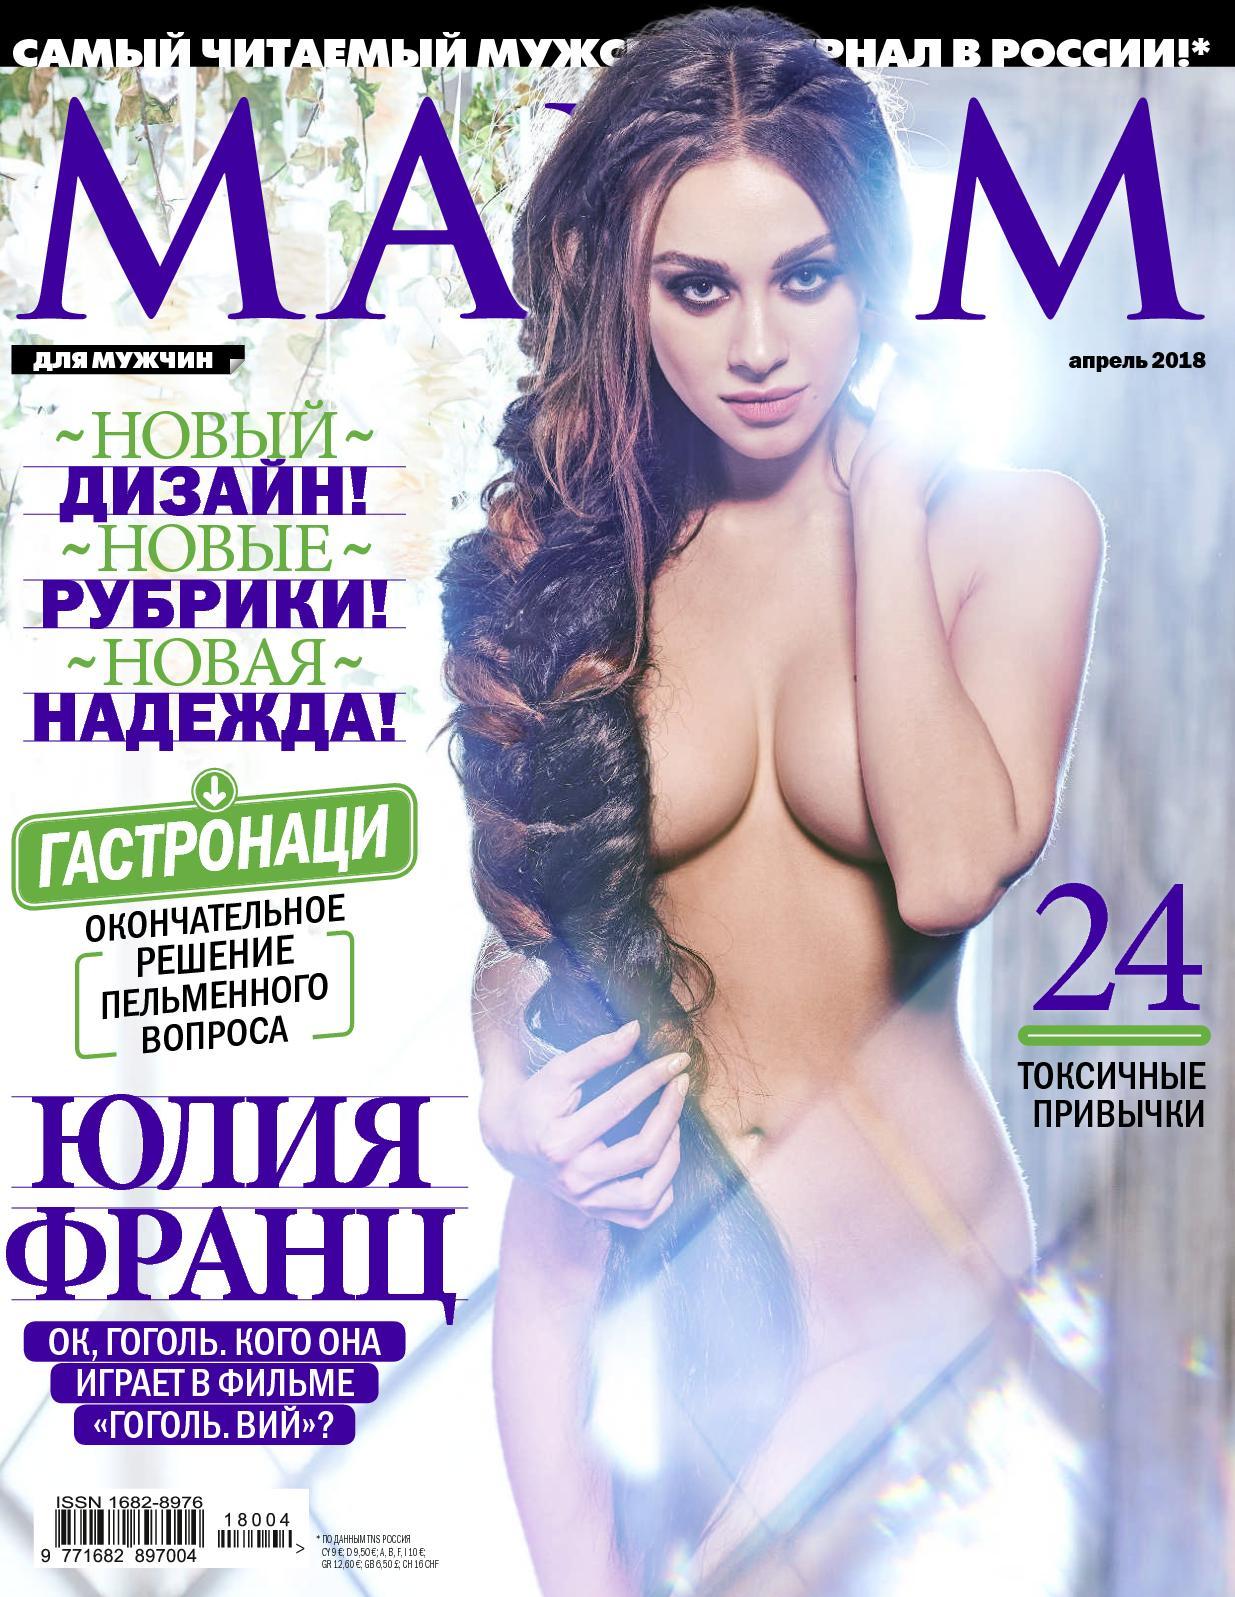 забавное мнение думаю, зрелыми русскими женщинами порно день уже прошел. Где